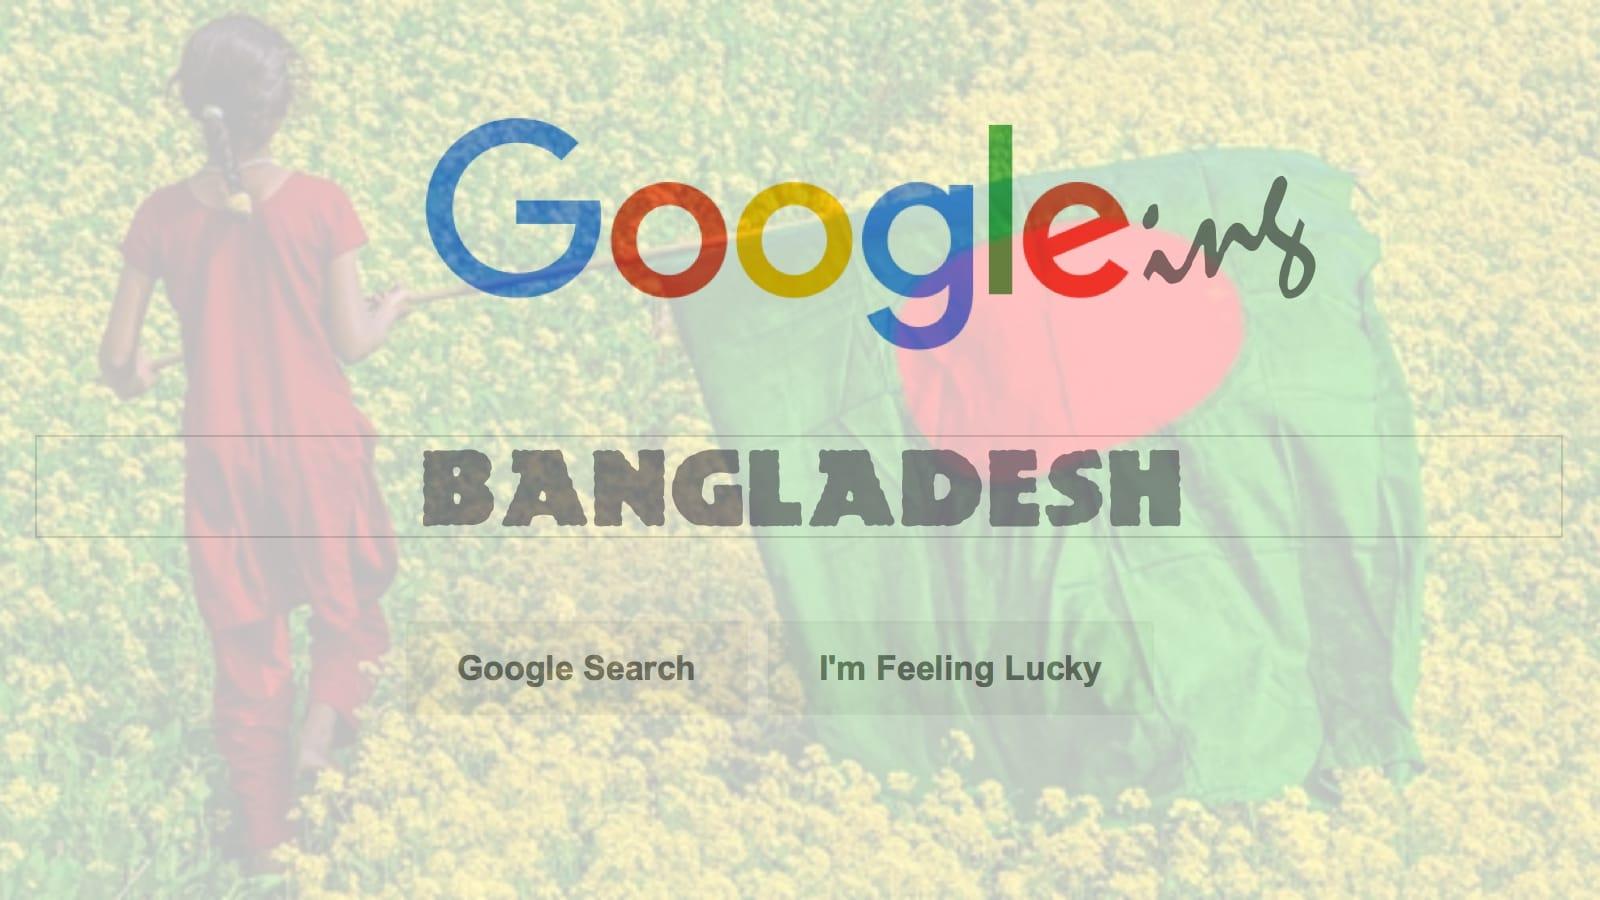 Googling Bangladesh